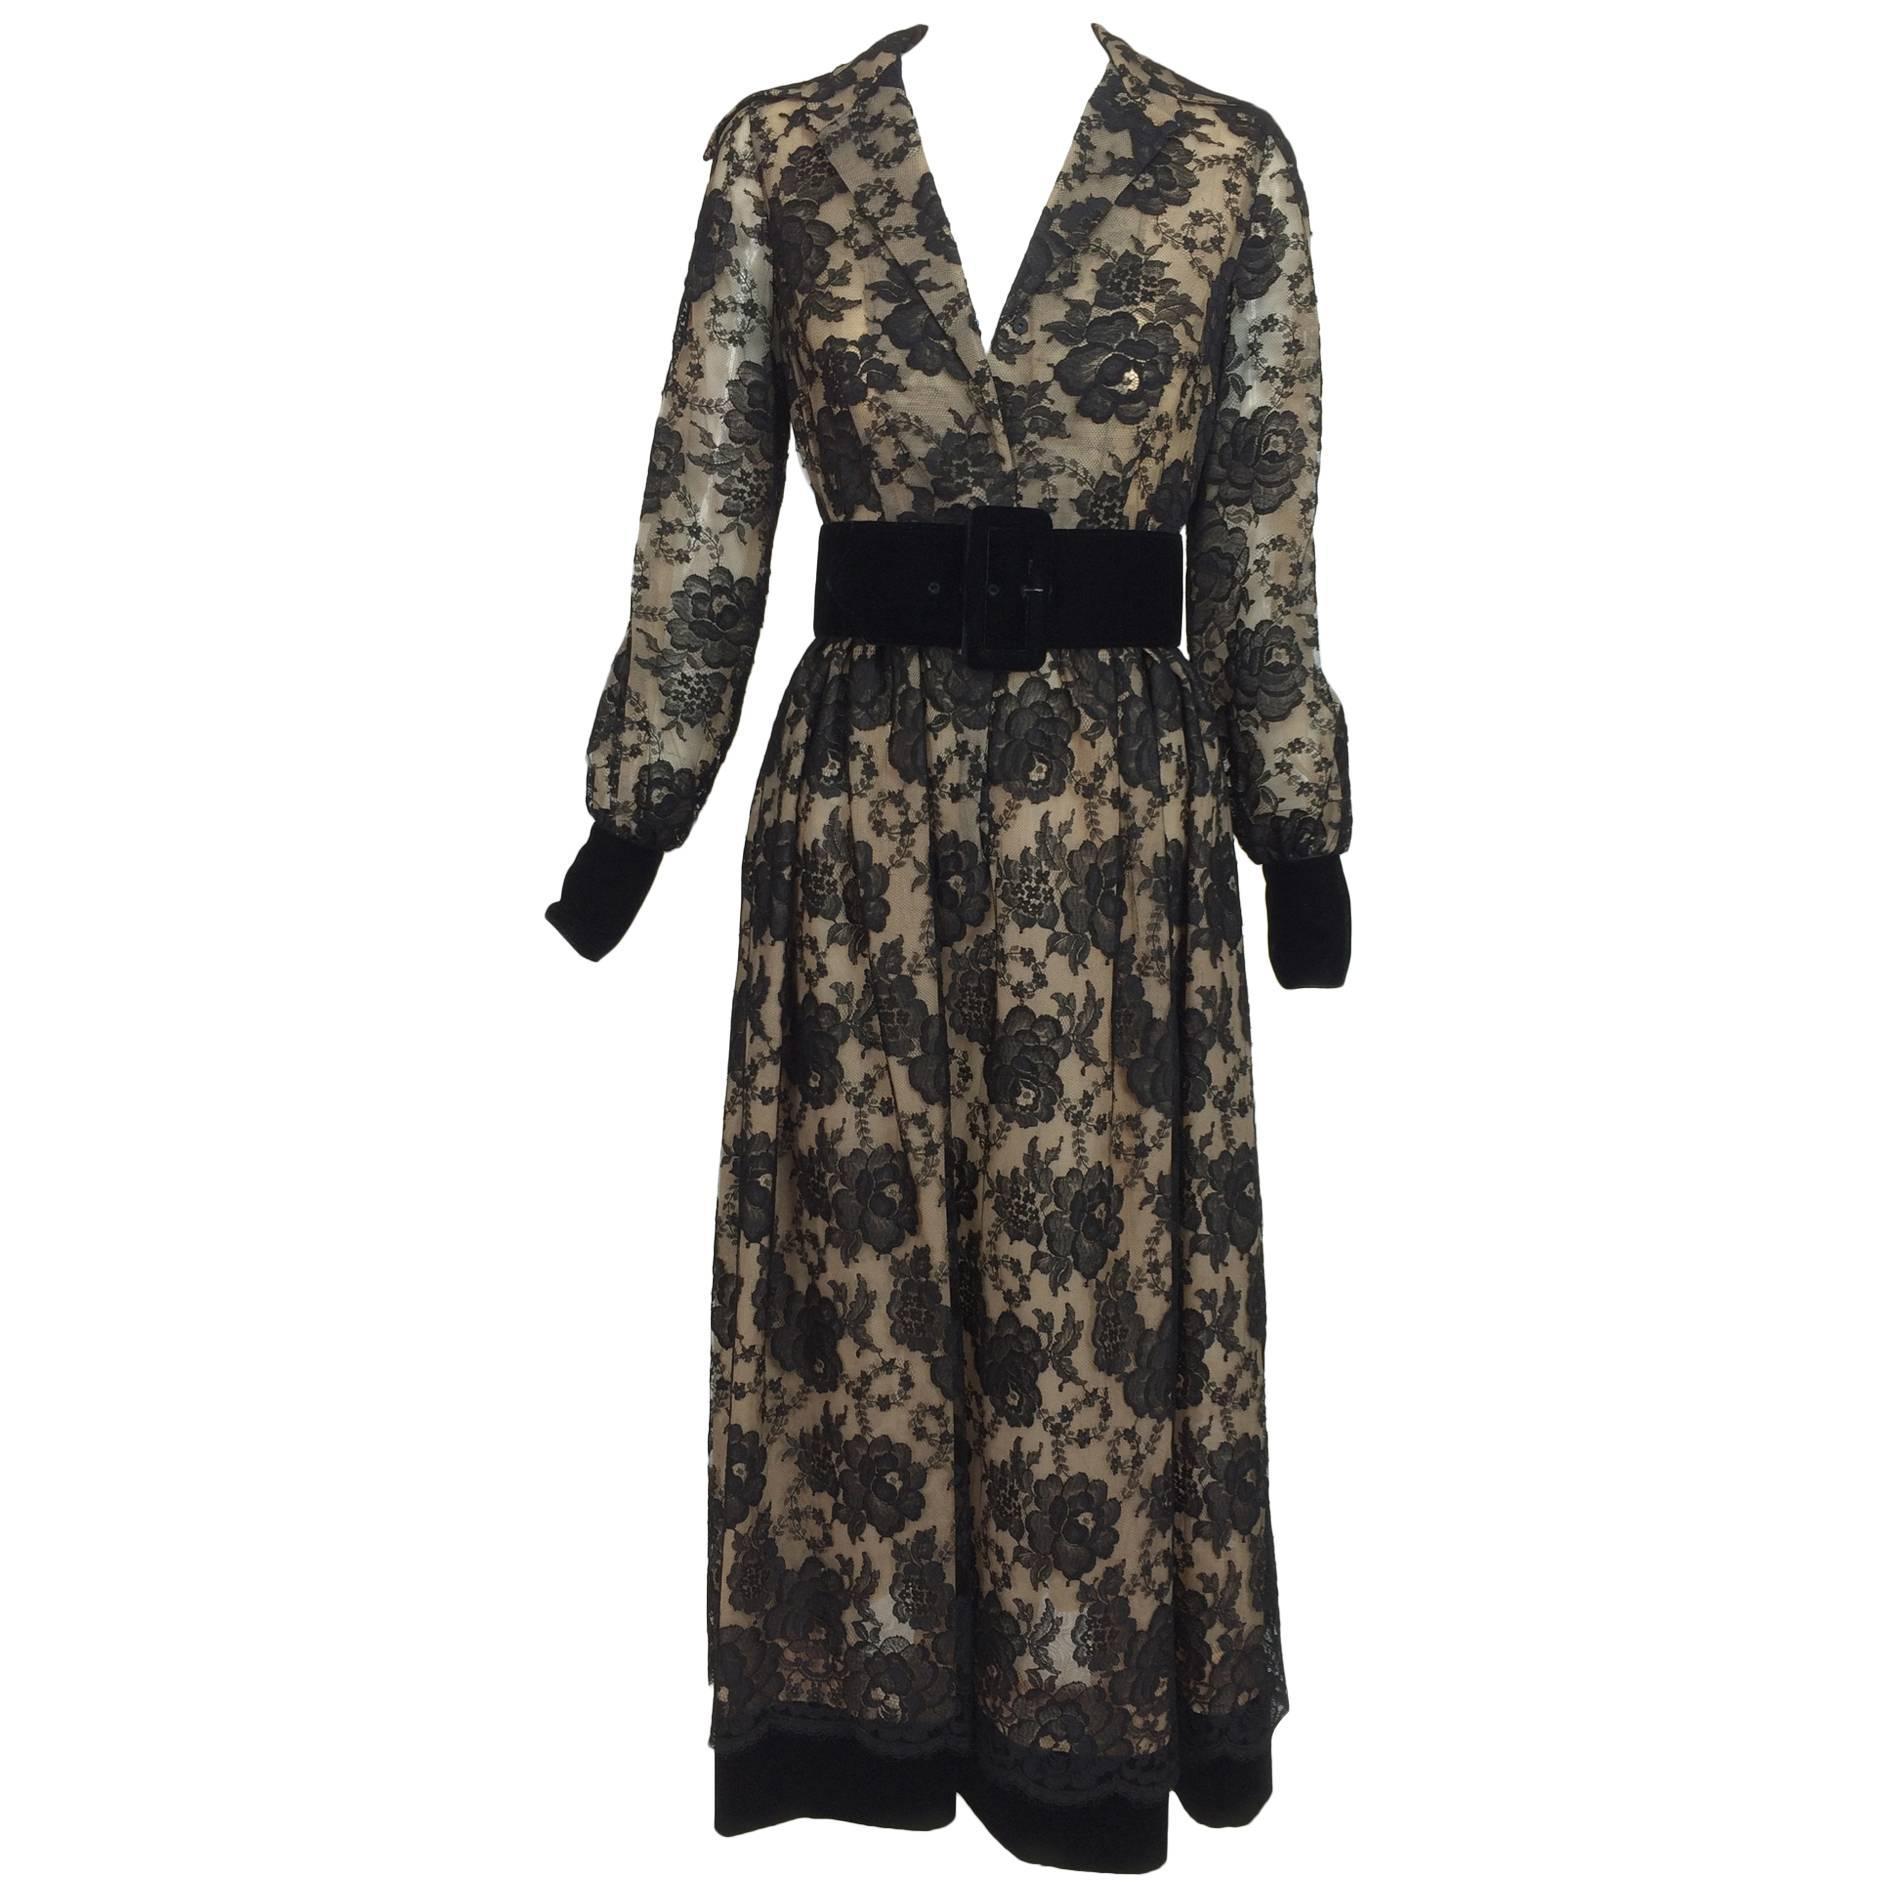 Vintage Lillie Rubin black lace & velvet dress 1970s